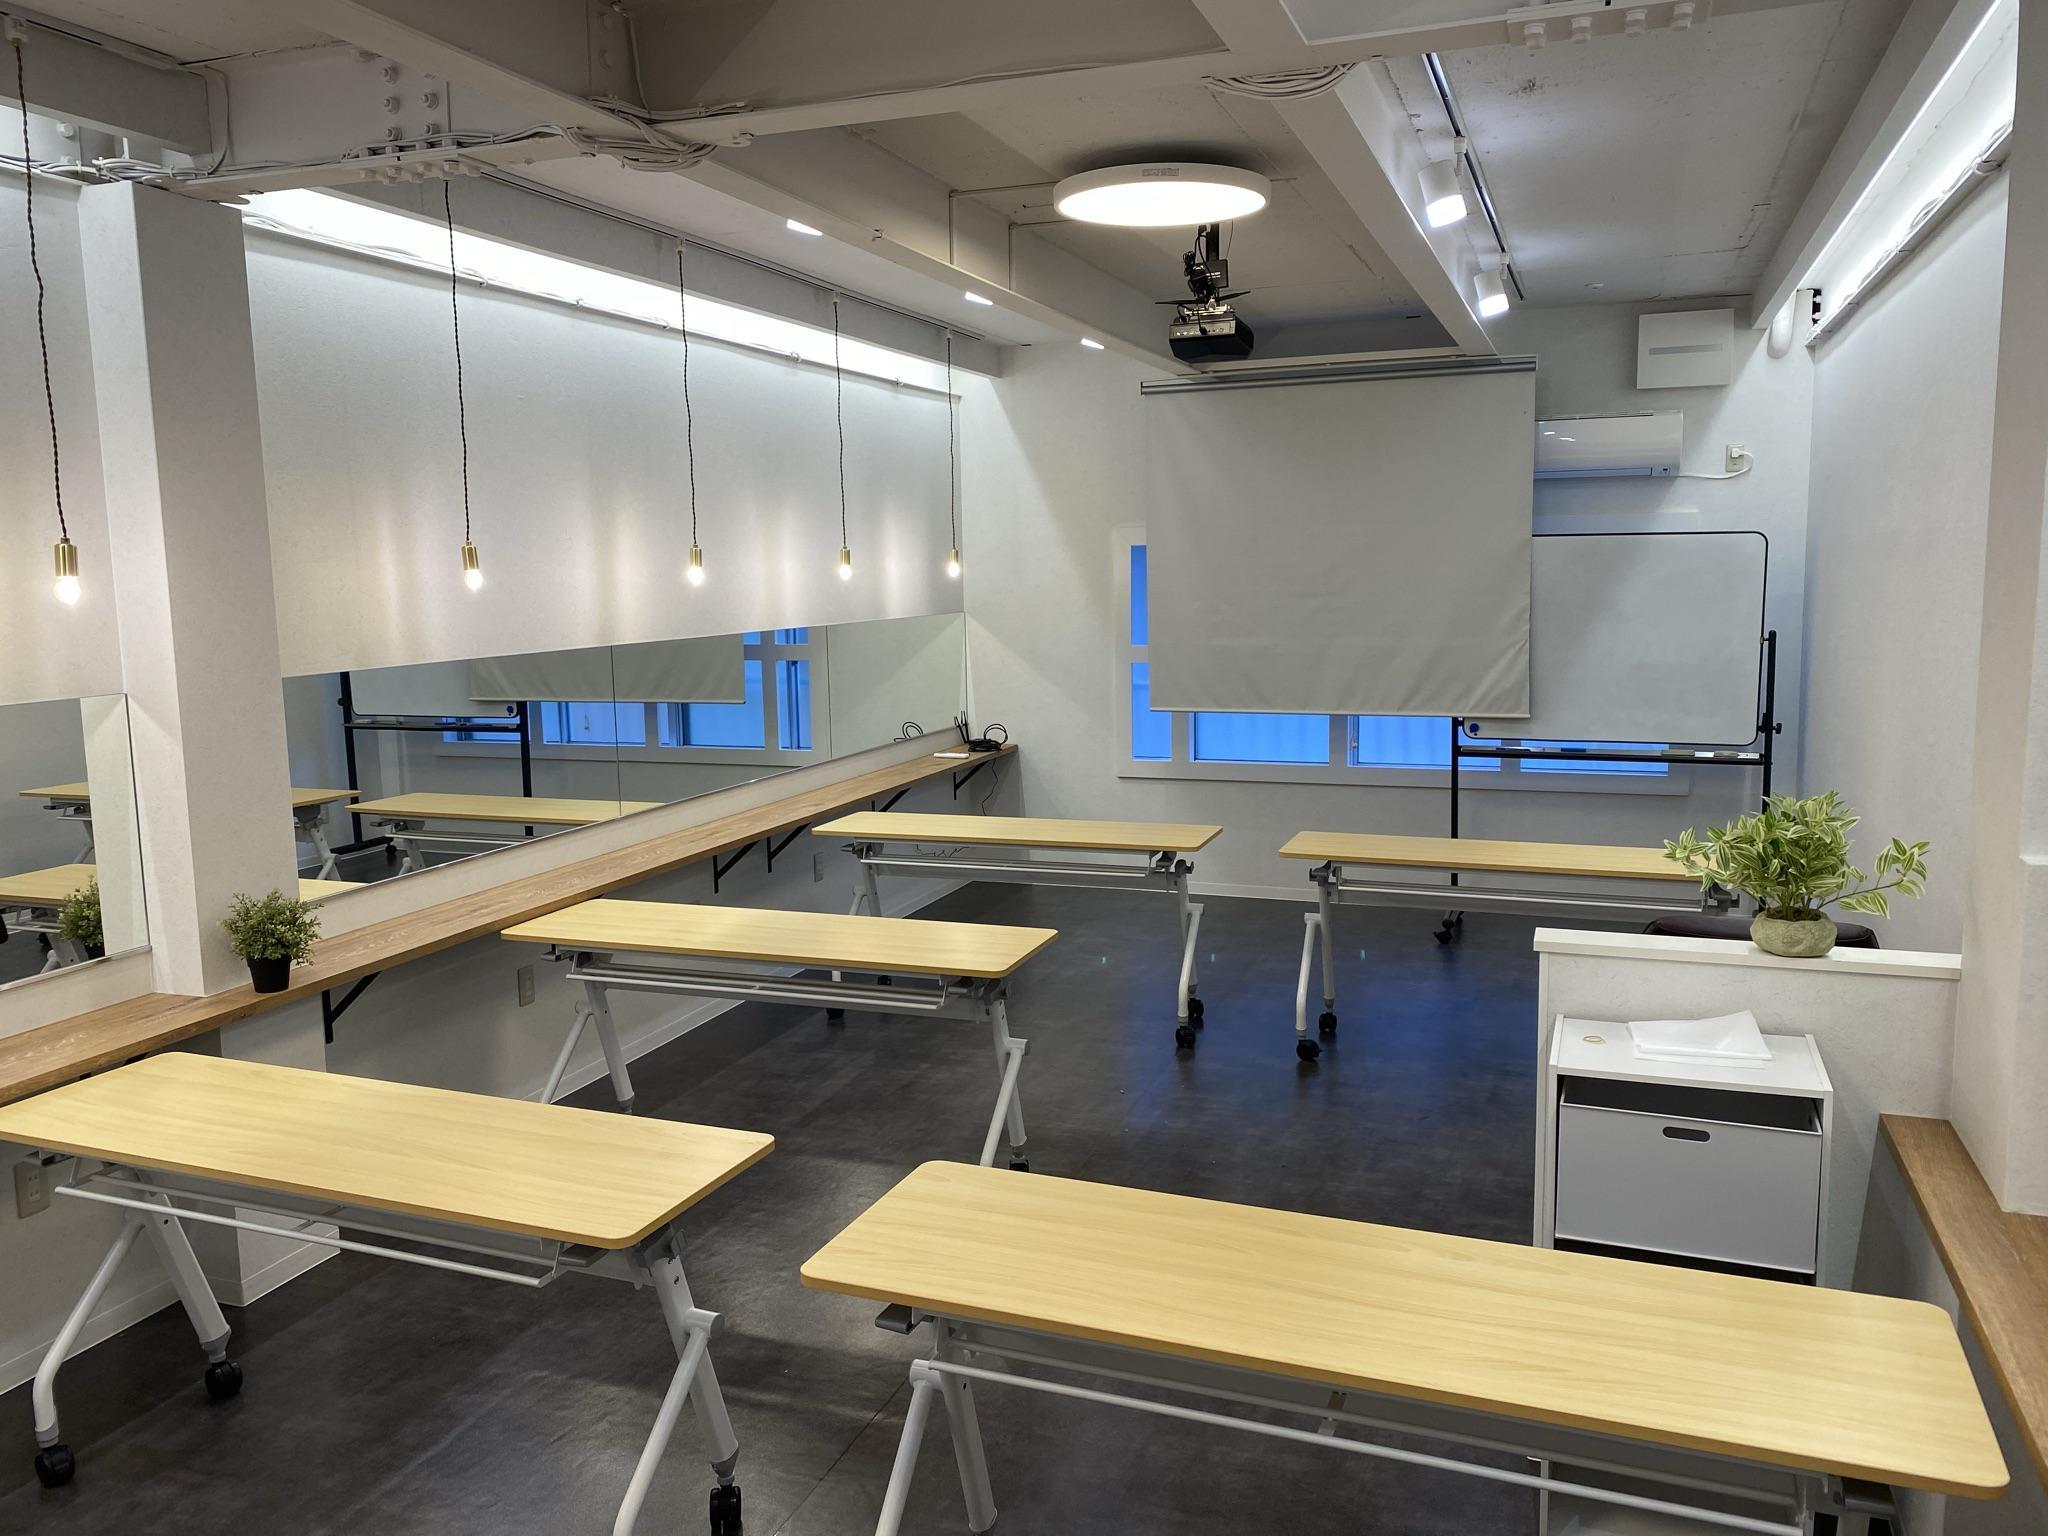 専用レッスンルーム&スタジオ プロジェクター、Wi-Fi、Bluetooth完備